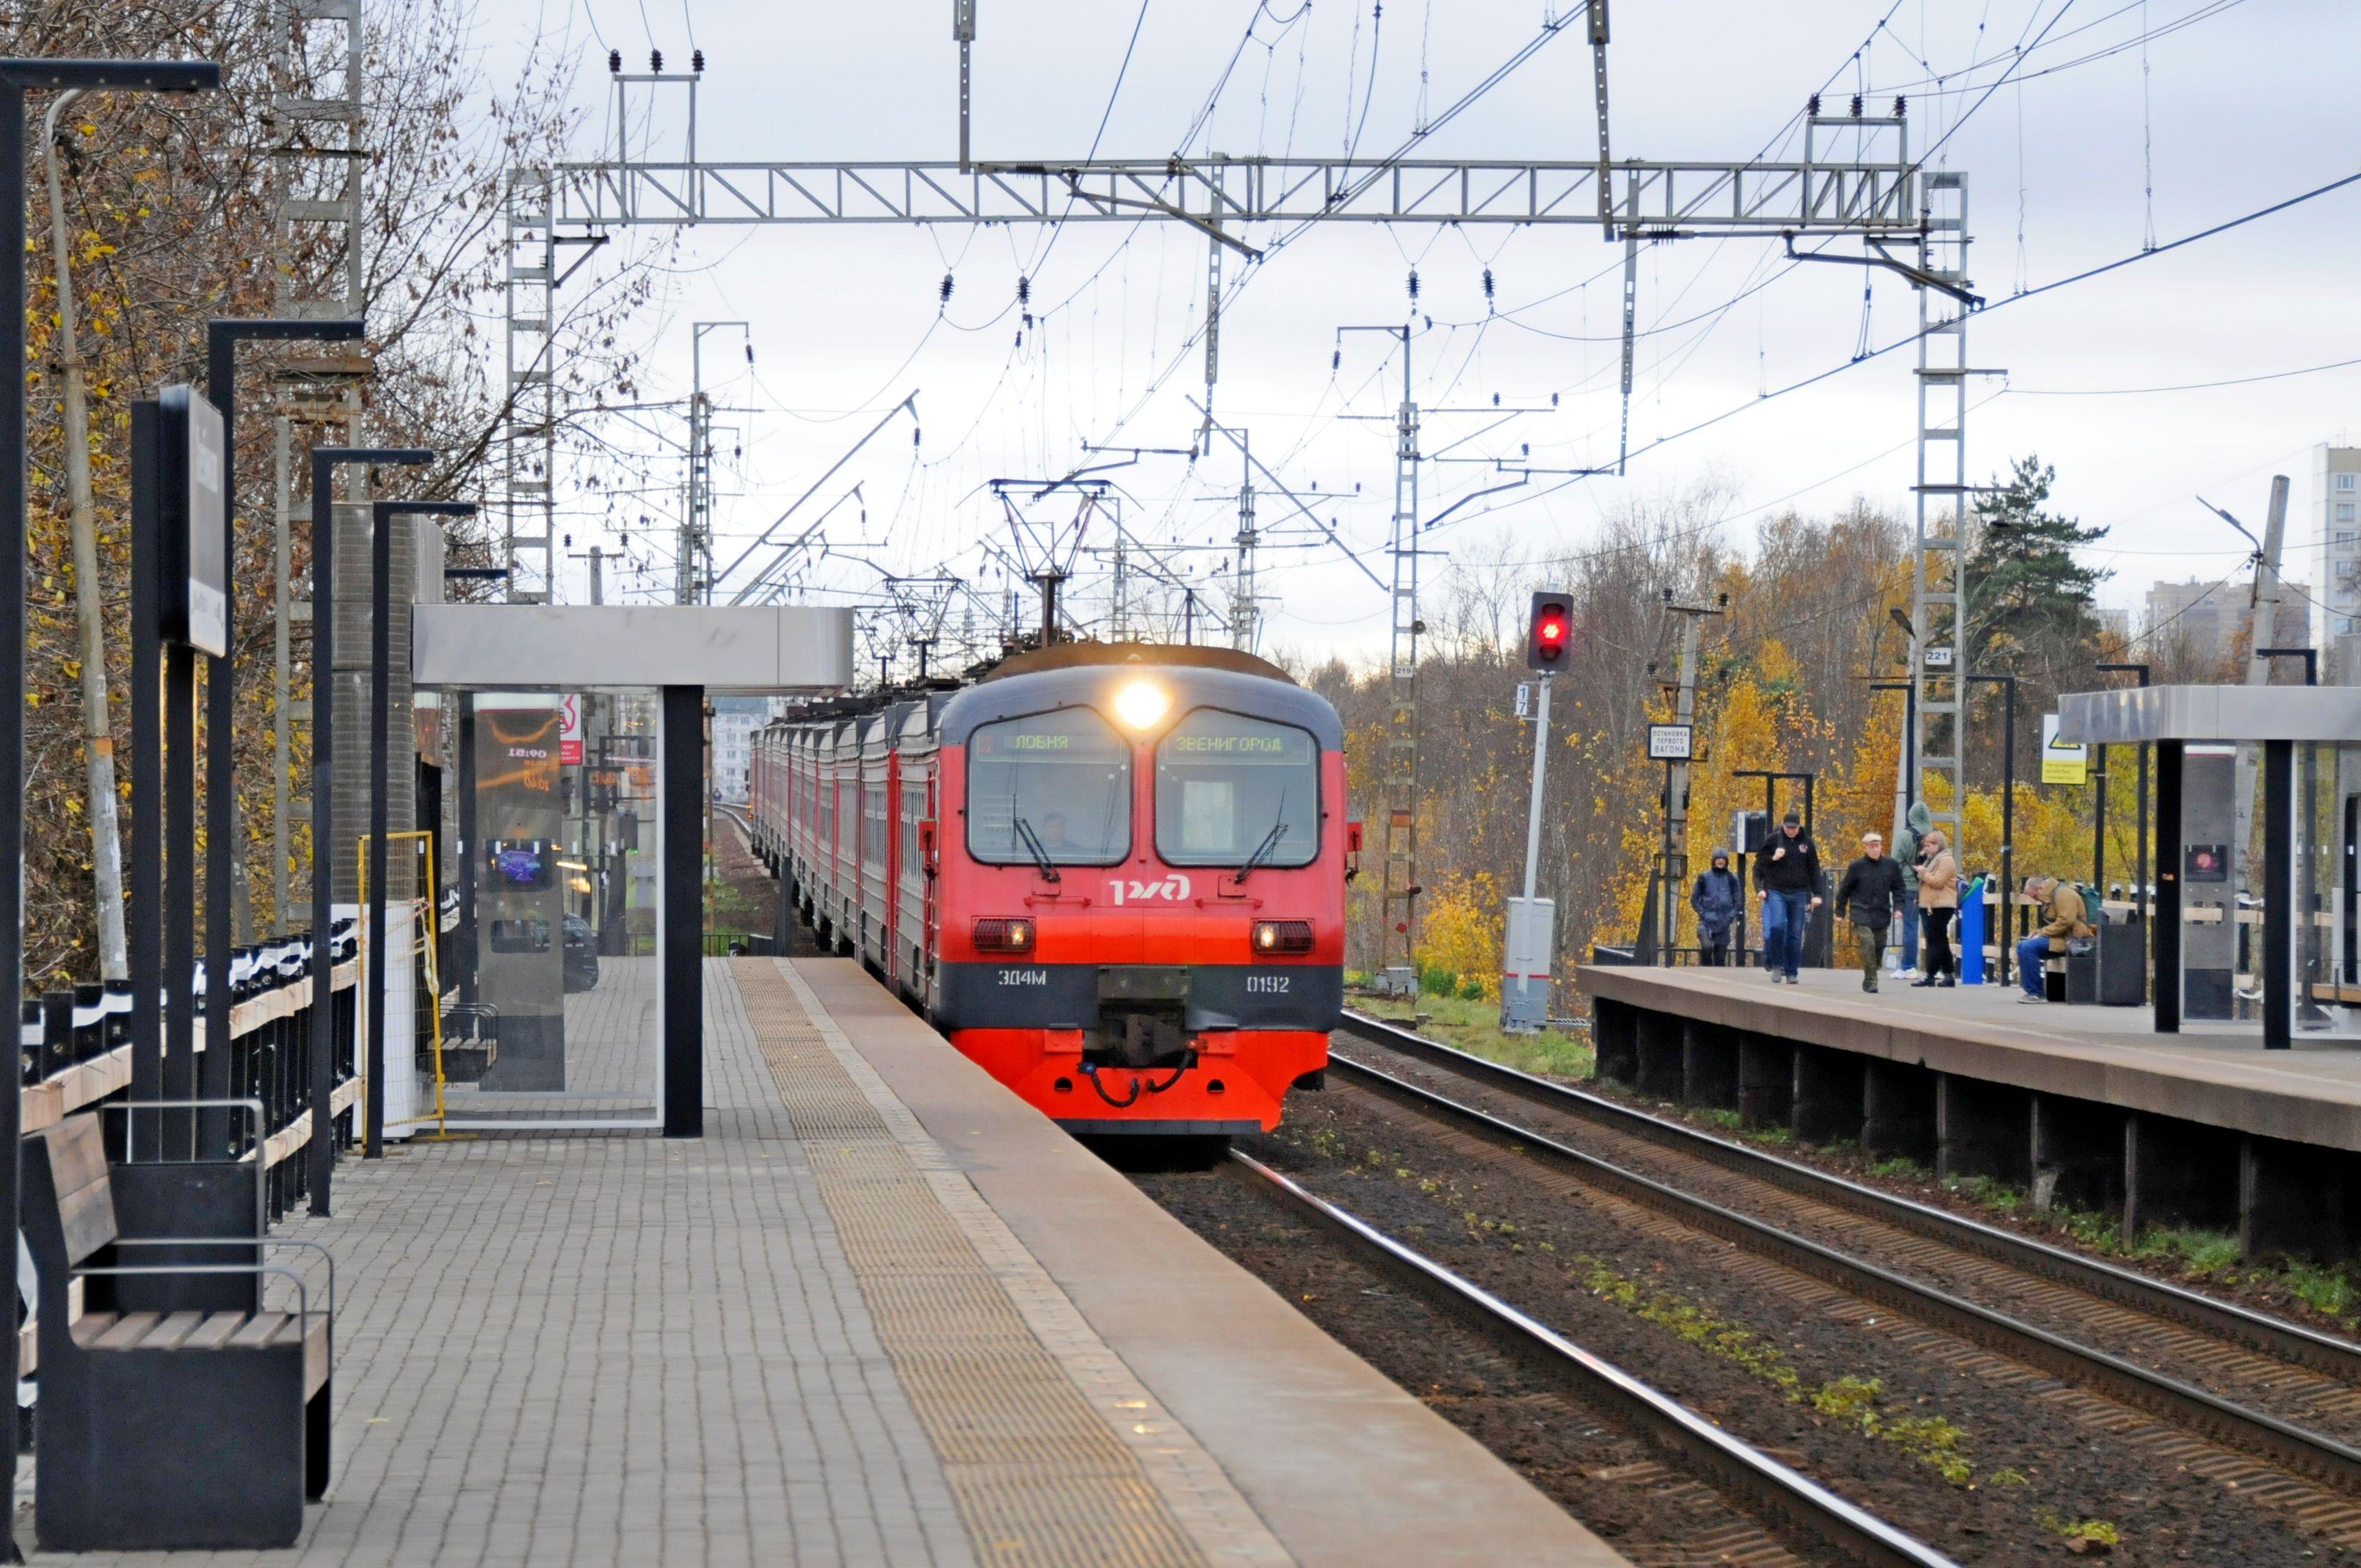 Тактильную плитку и полосу безопасности создали на станции «Савеловская» к запуску МЦД